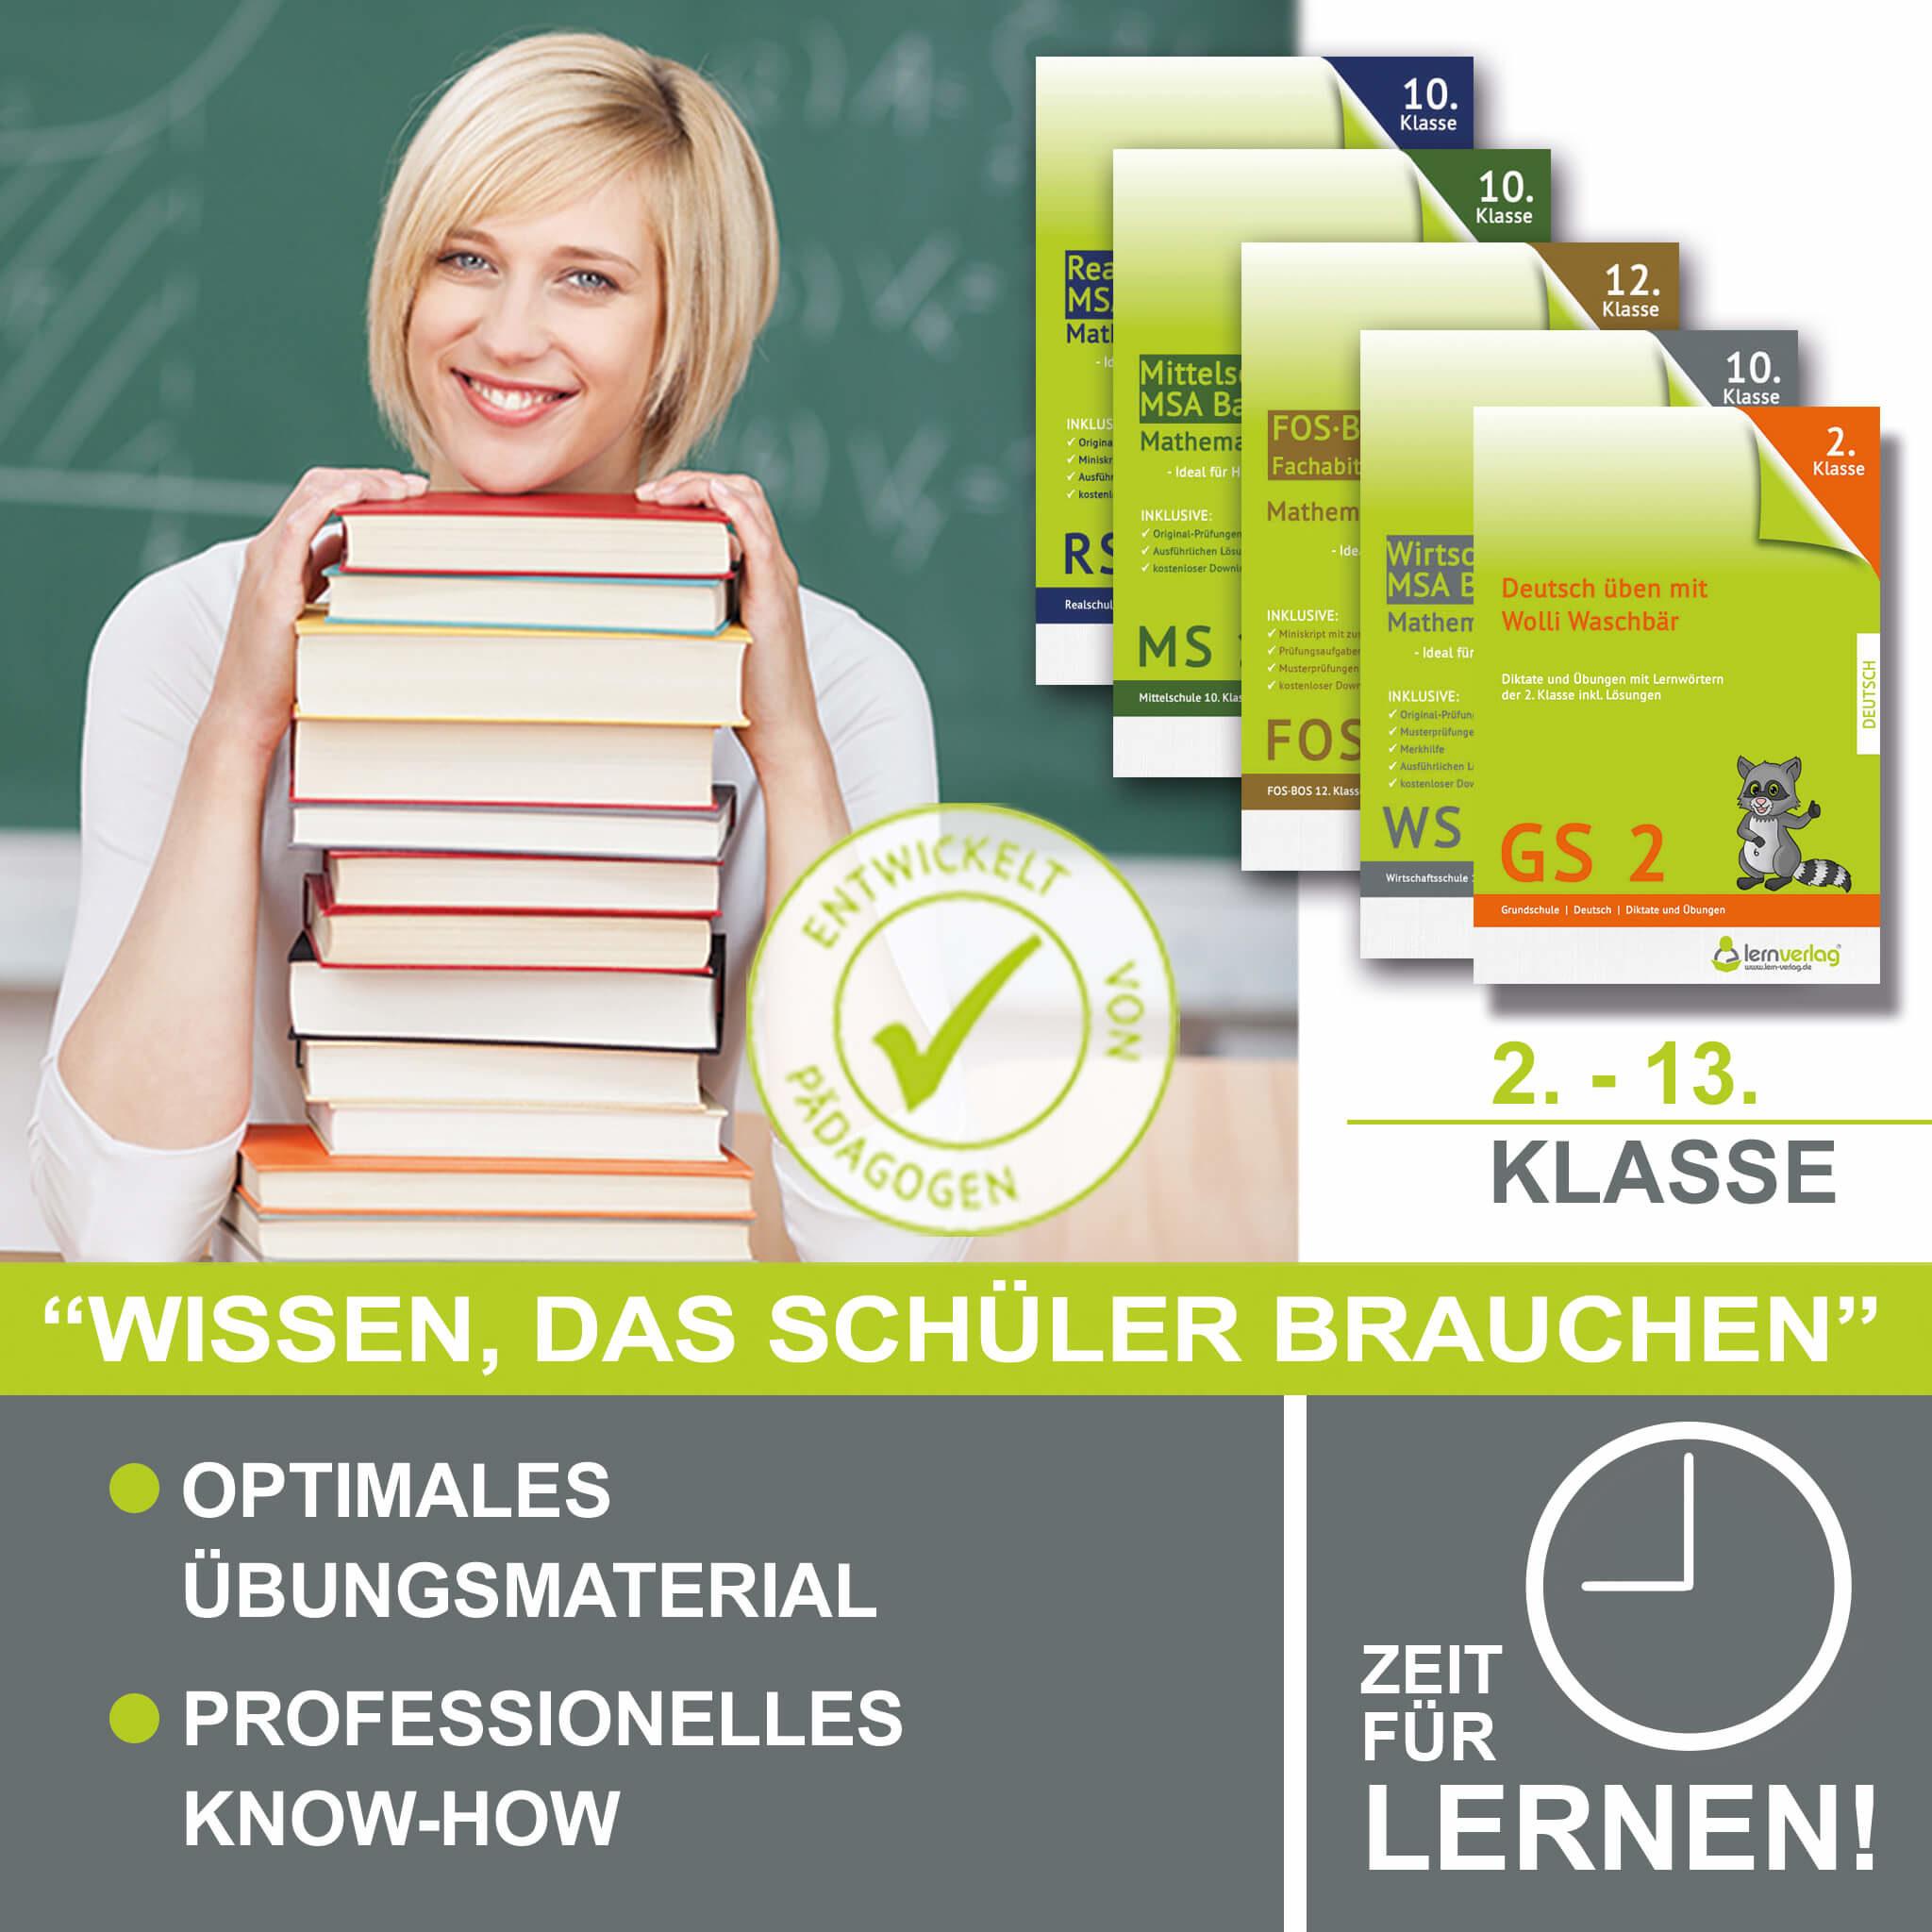 lernverlag | Lernhilfen | Lernförderung